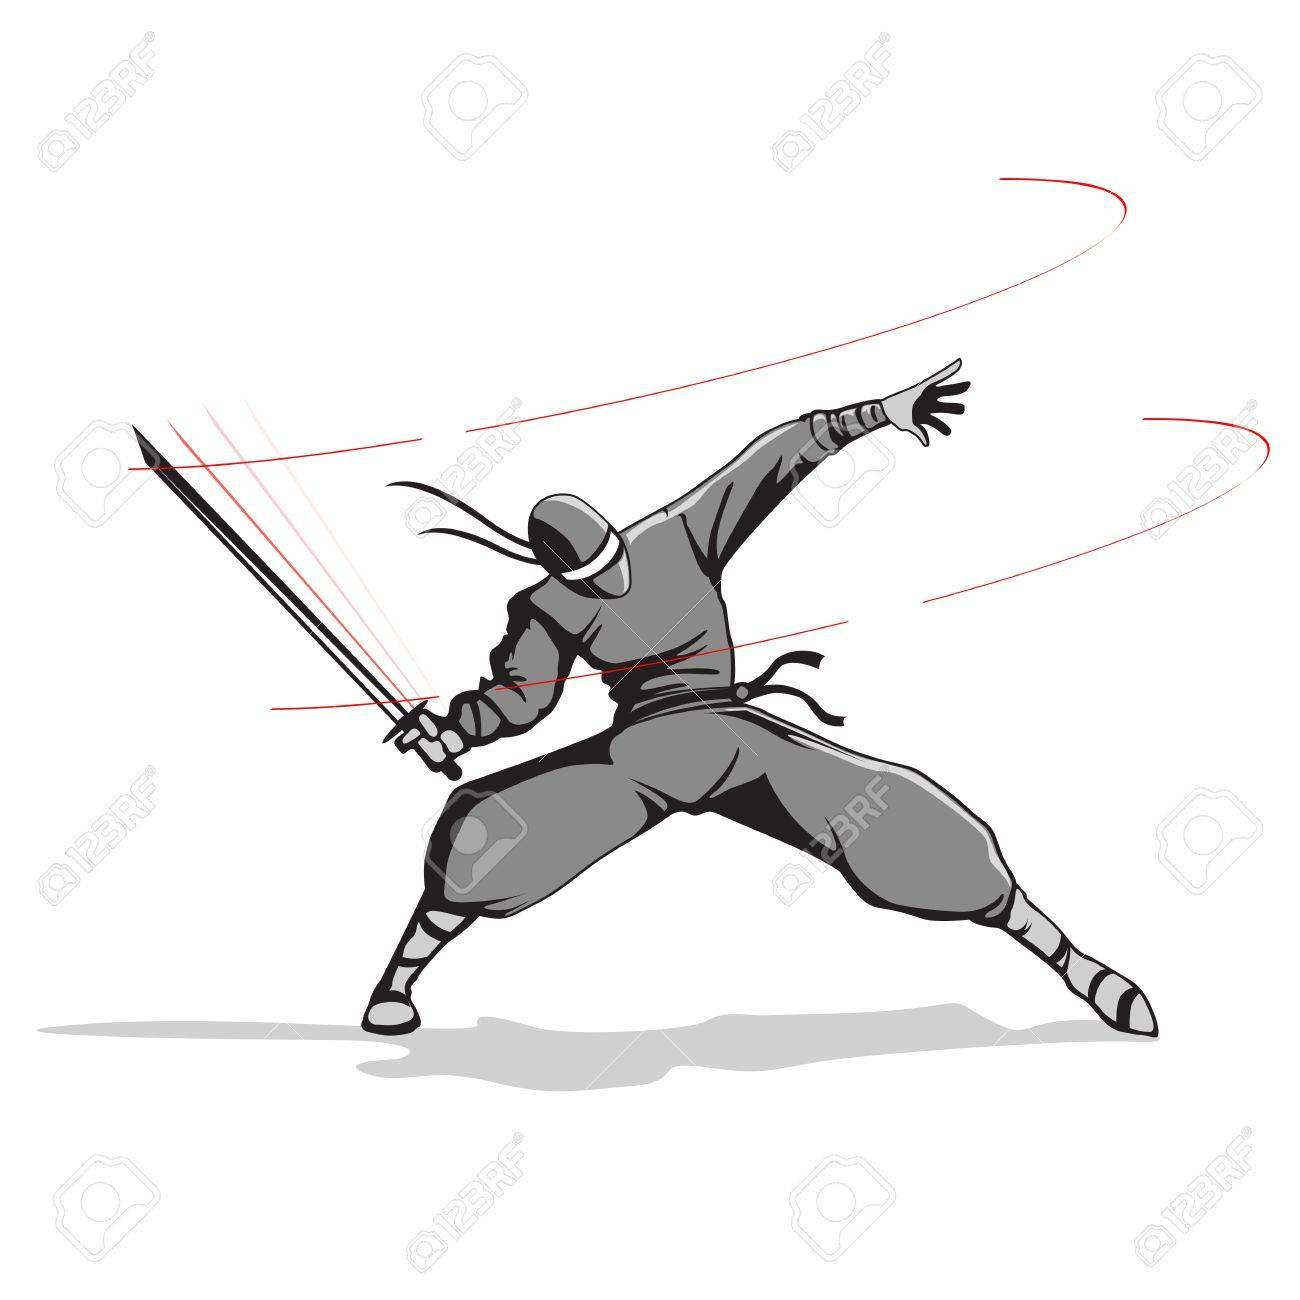 剣の攻撃忍者の戦闘機のイラスト の写真素材画像素材 Image 11999635